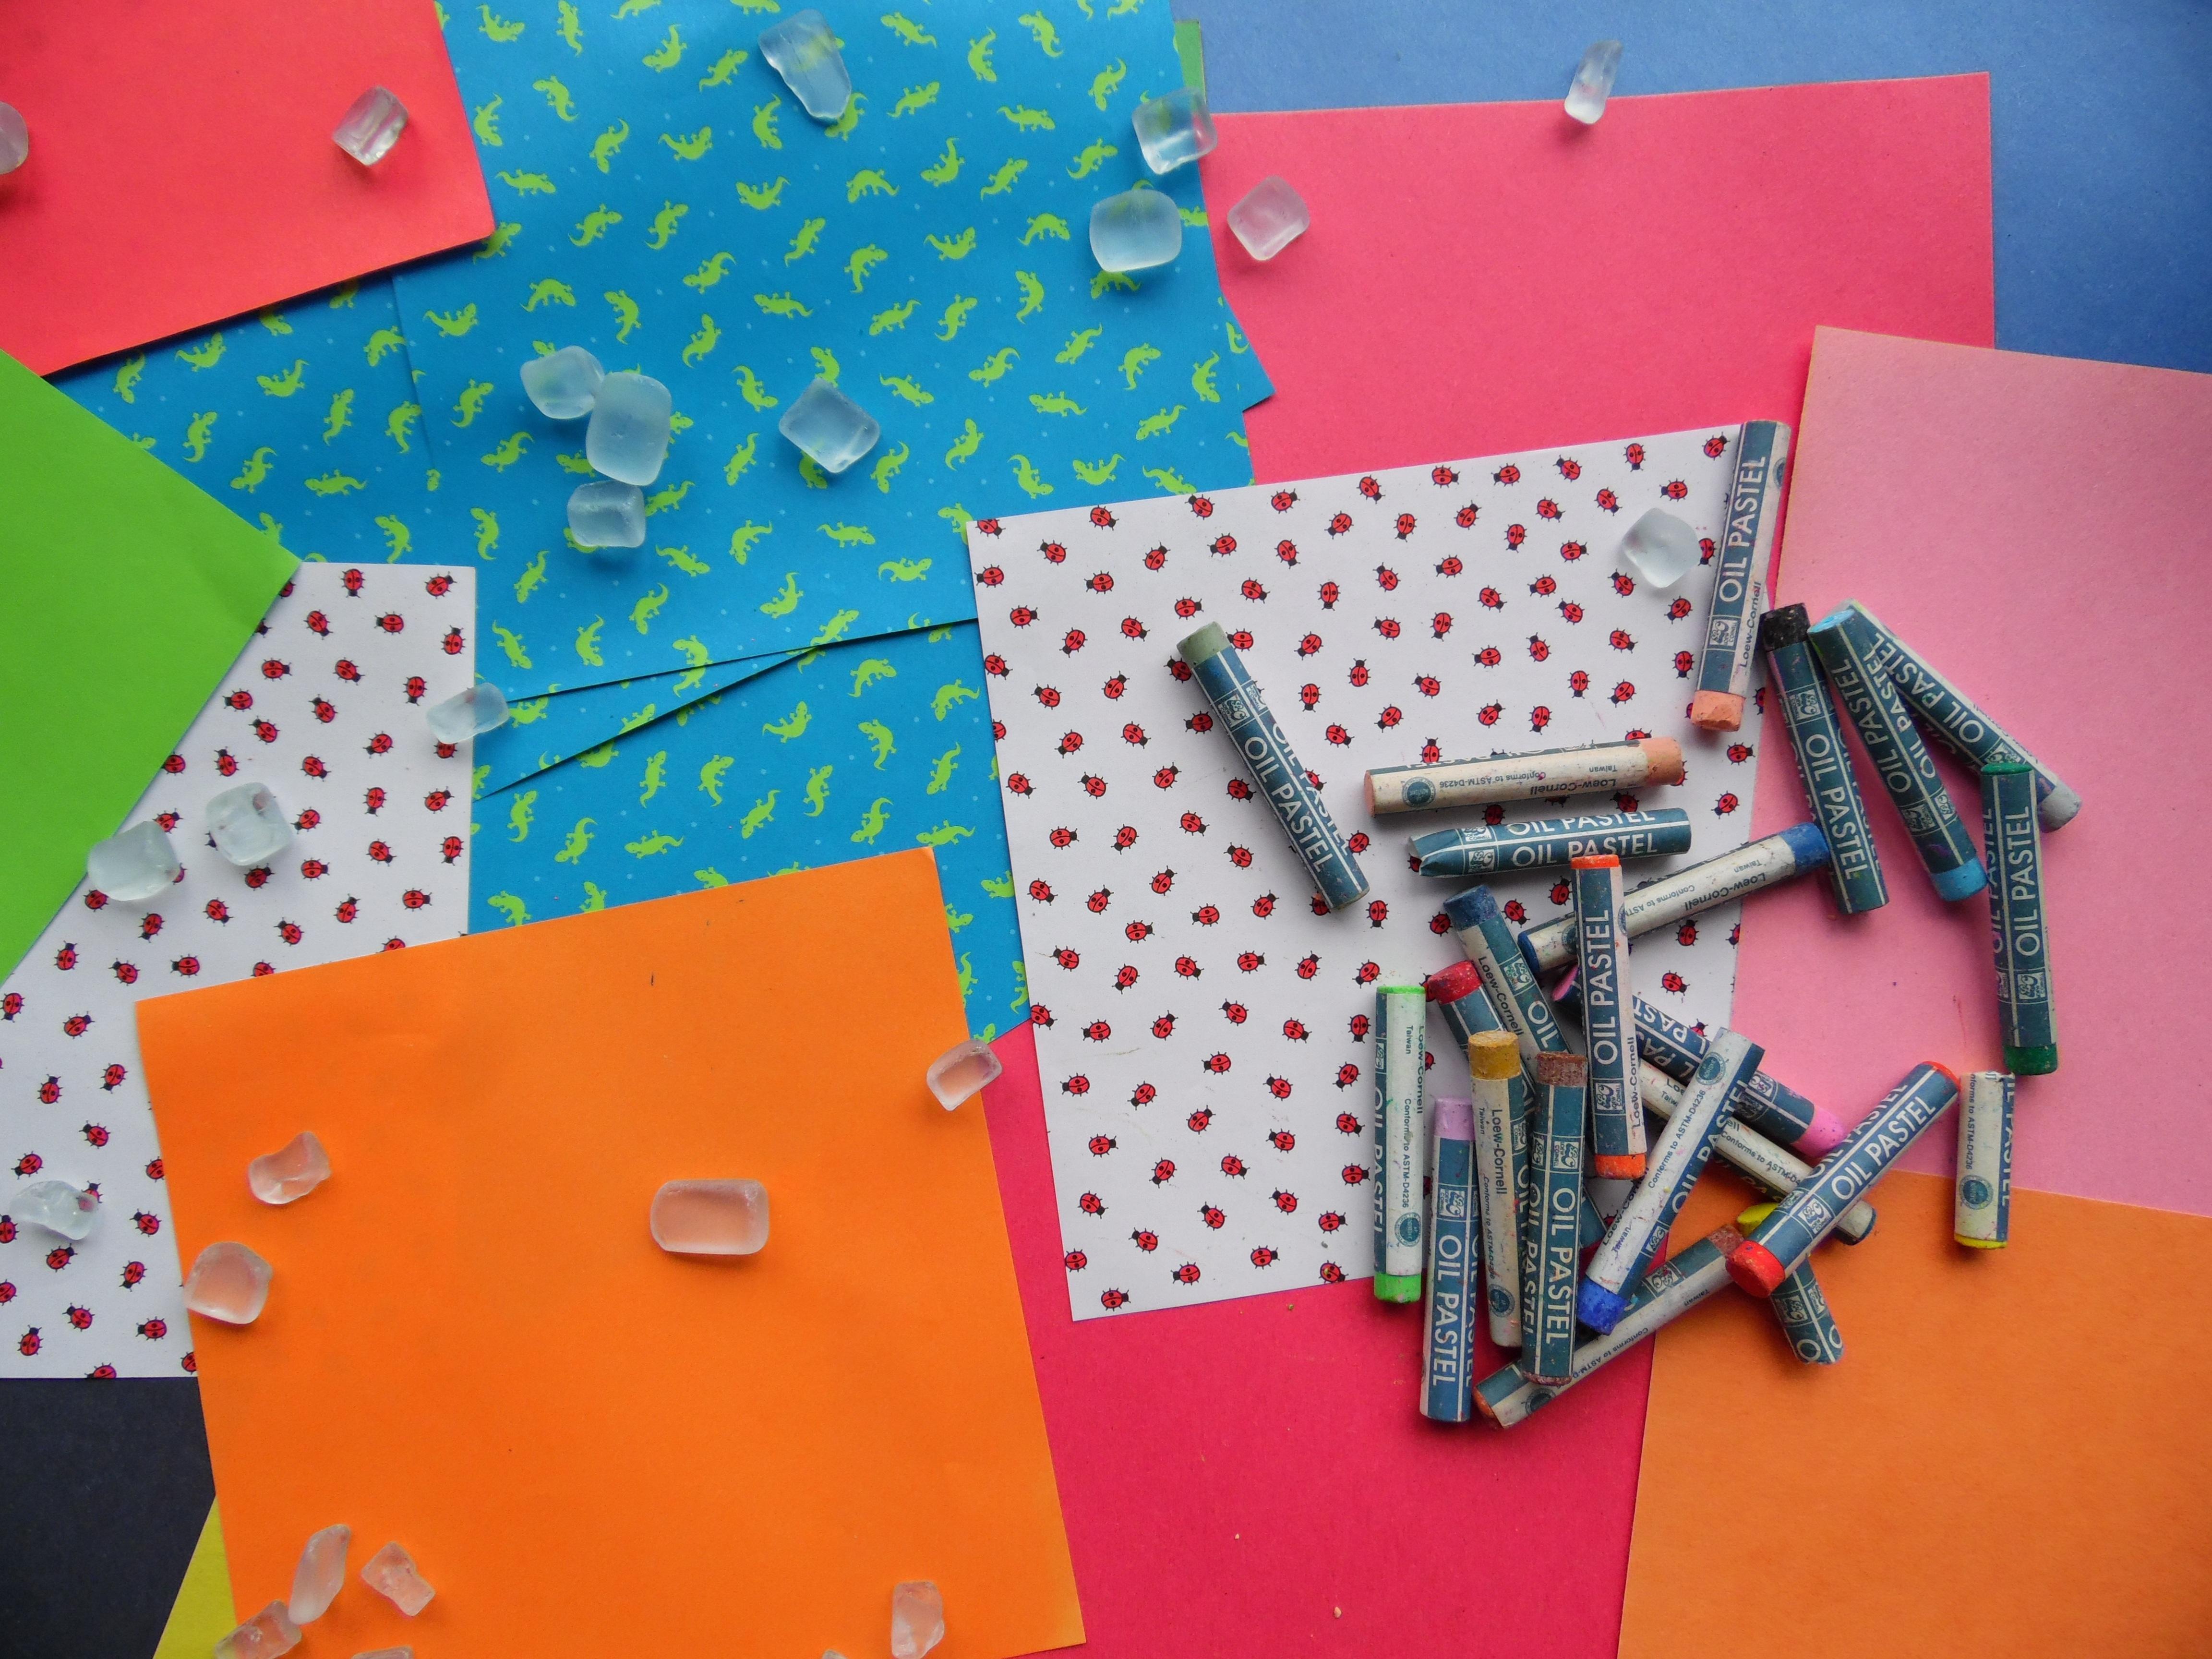 Kreatif Warna Artistik Kerajinan Warni Kertas Bahan Tekstil Seni Gambar Kreativitas Desain Senang Aksesoris